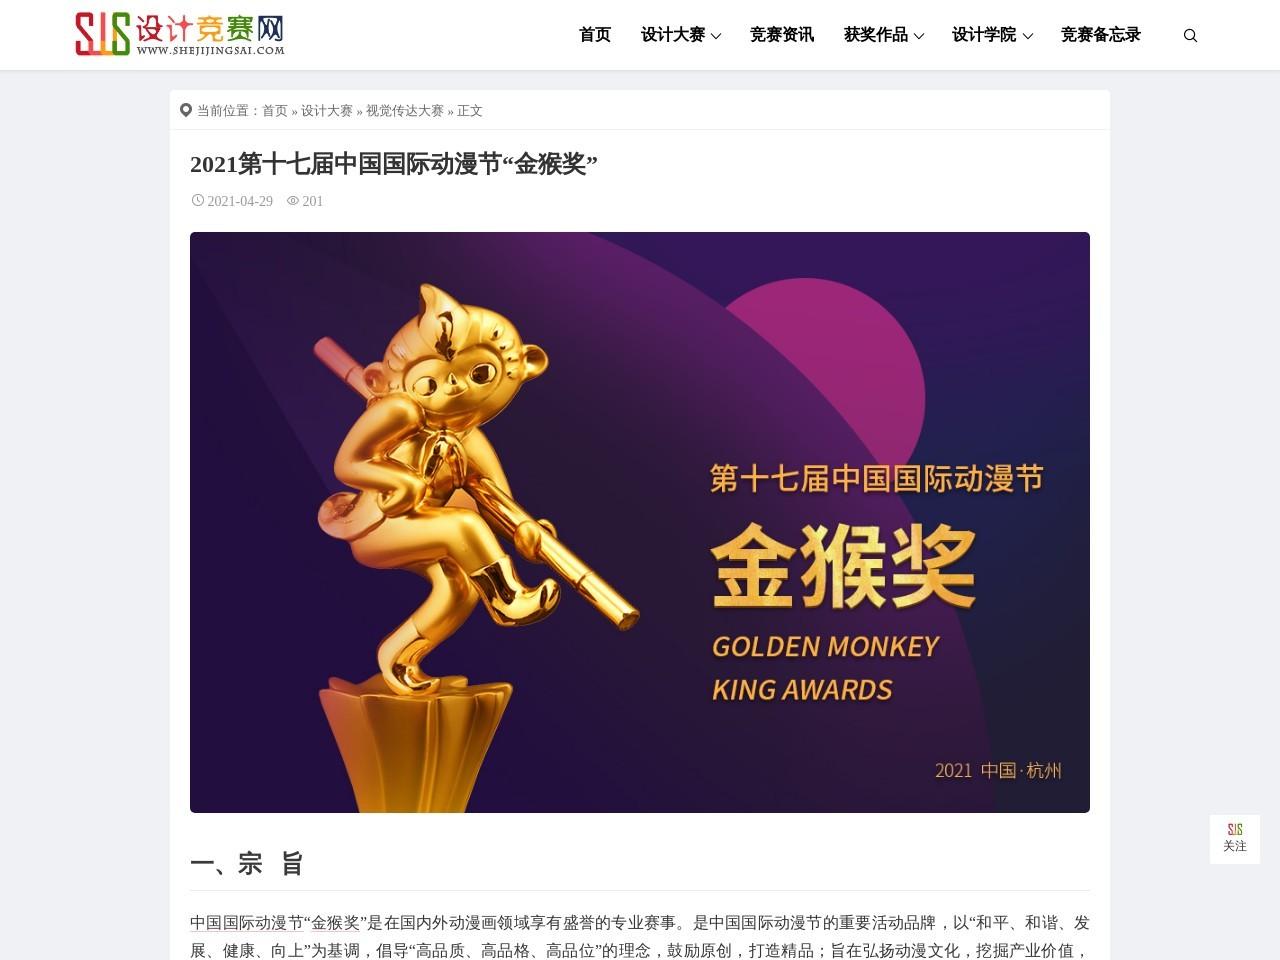 """2021第十七届中国国际动漫节""""金猴奖"""""""